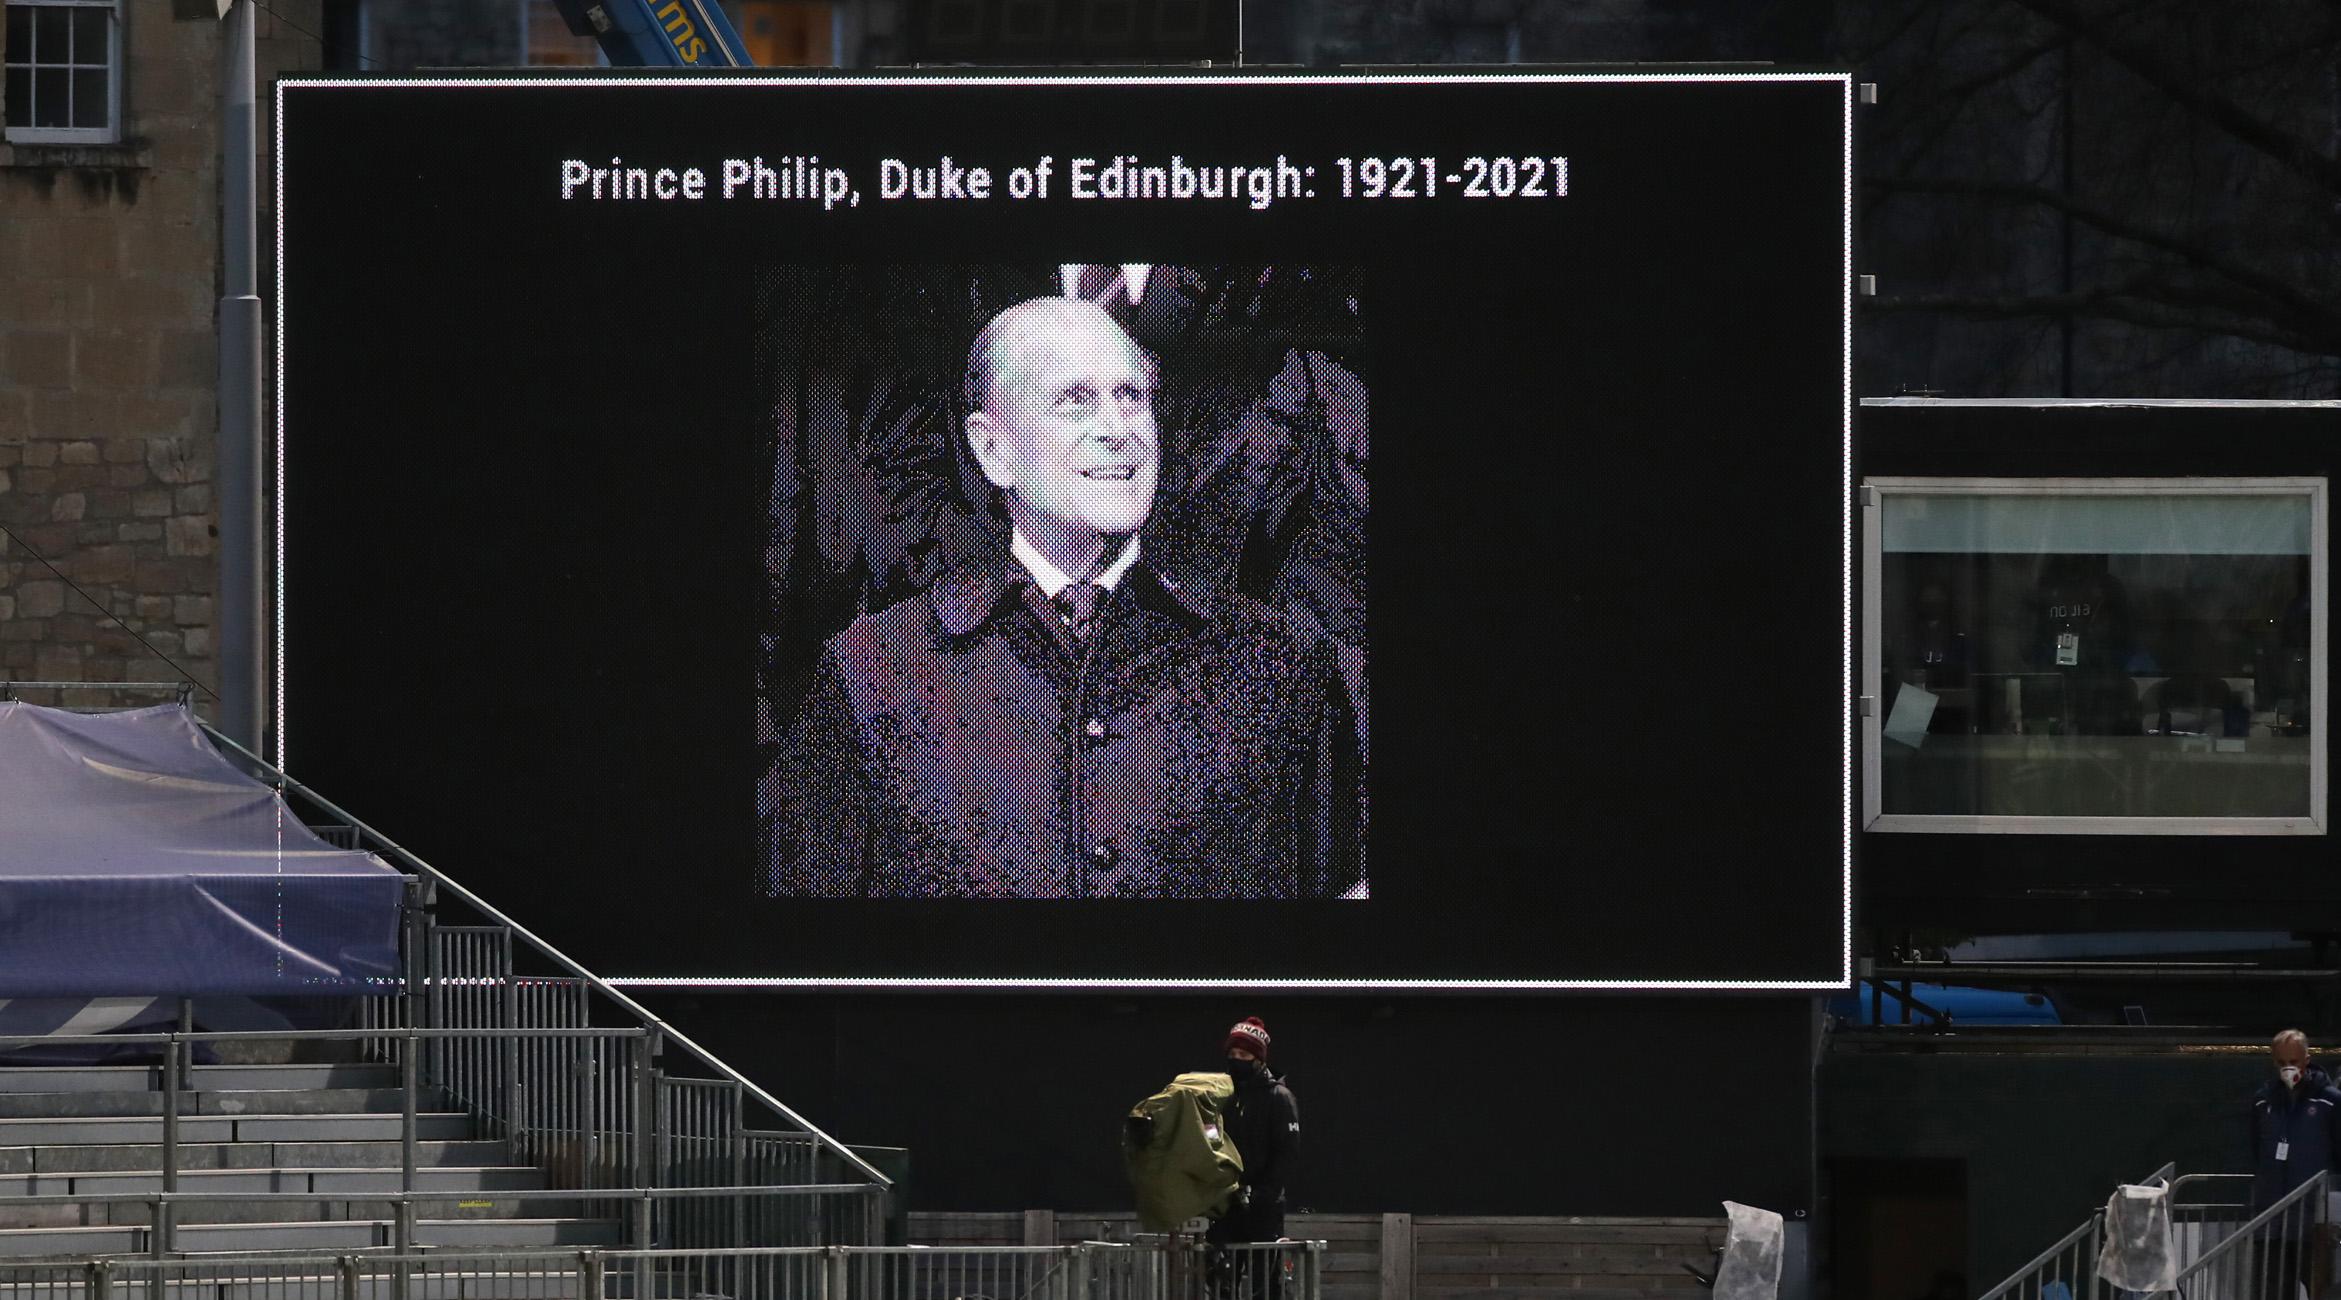 Πρίγκιπας Φίλιππος: Όλες οι λεπτομέρειες για την κηδεία του – Η πομπή της τελετής και η ελληνική σημαία